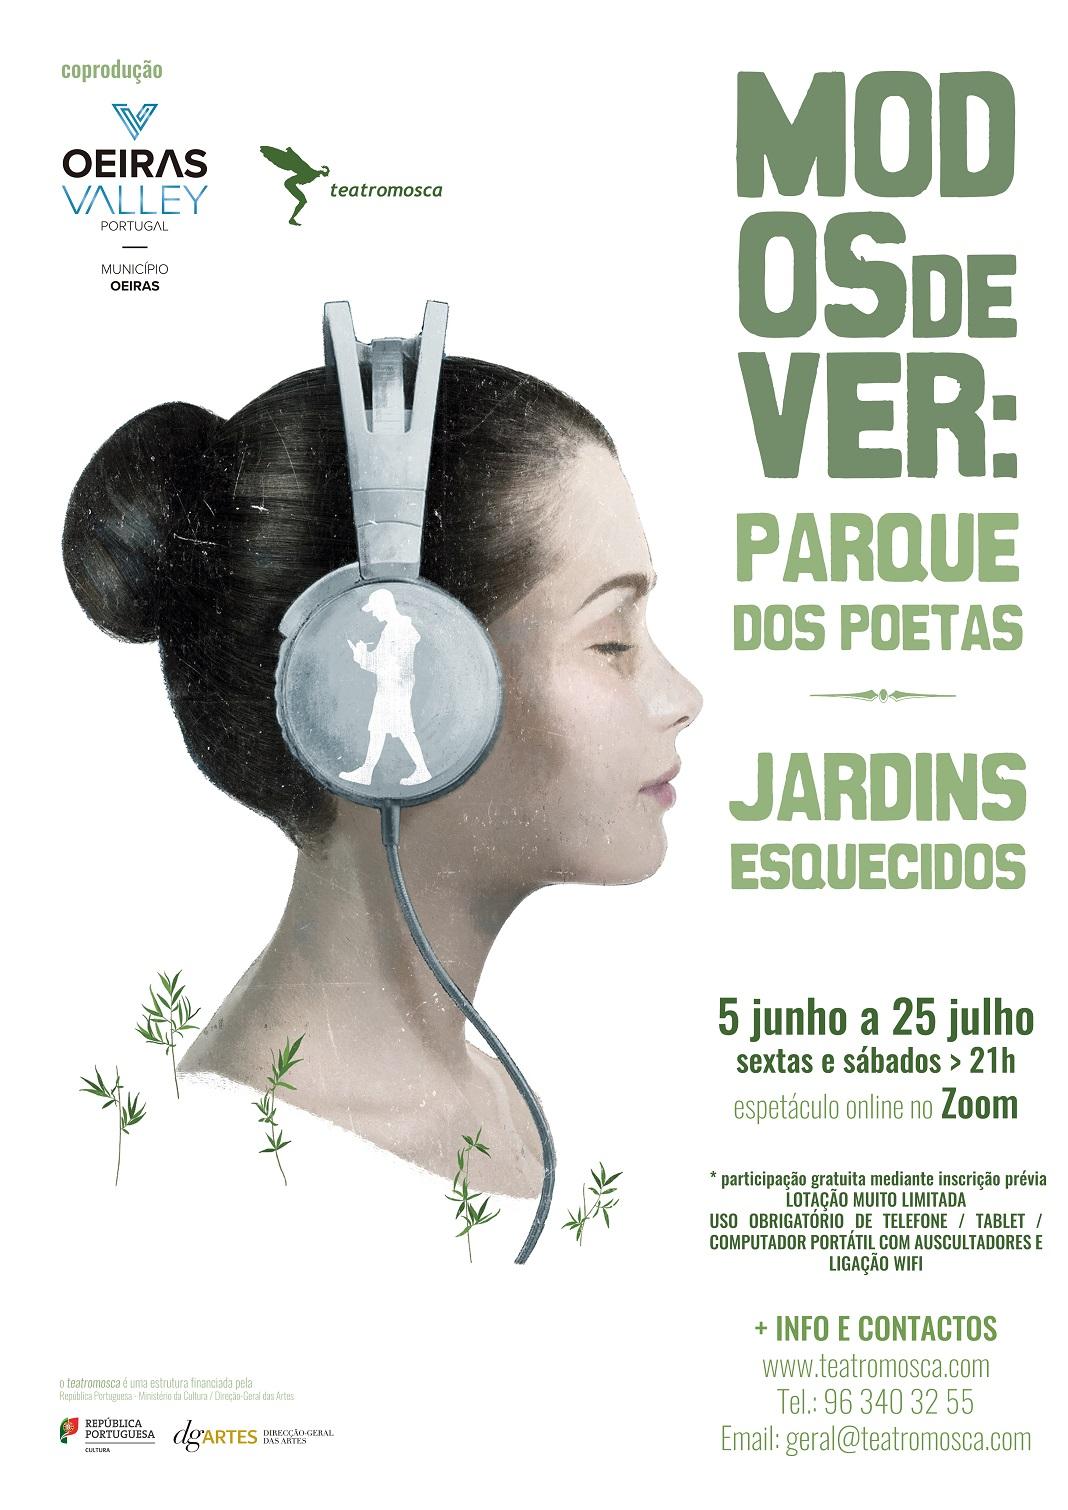 Produção multissensorial do teatromosca a partir do Parque dos Poetas em Oeiras